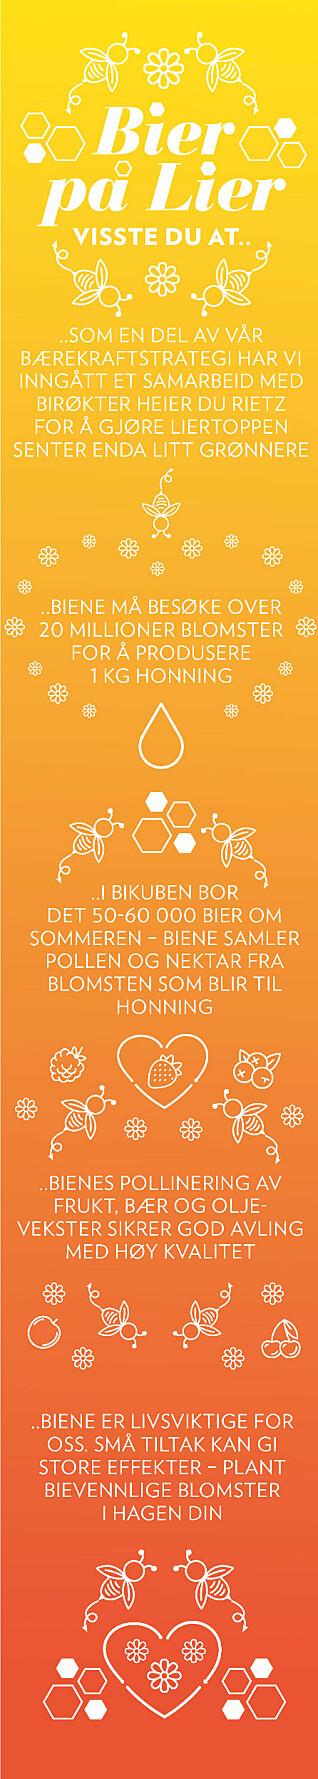 Slik selges budskapet – 'Bier på Lier' – inn via digitale medier.